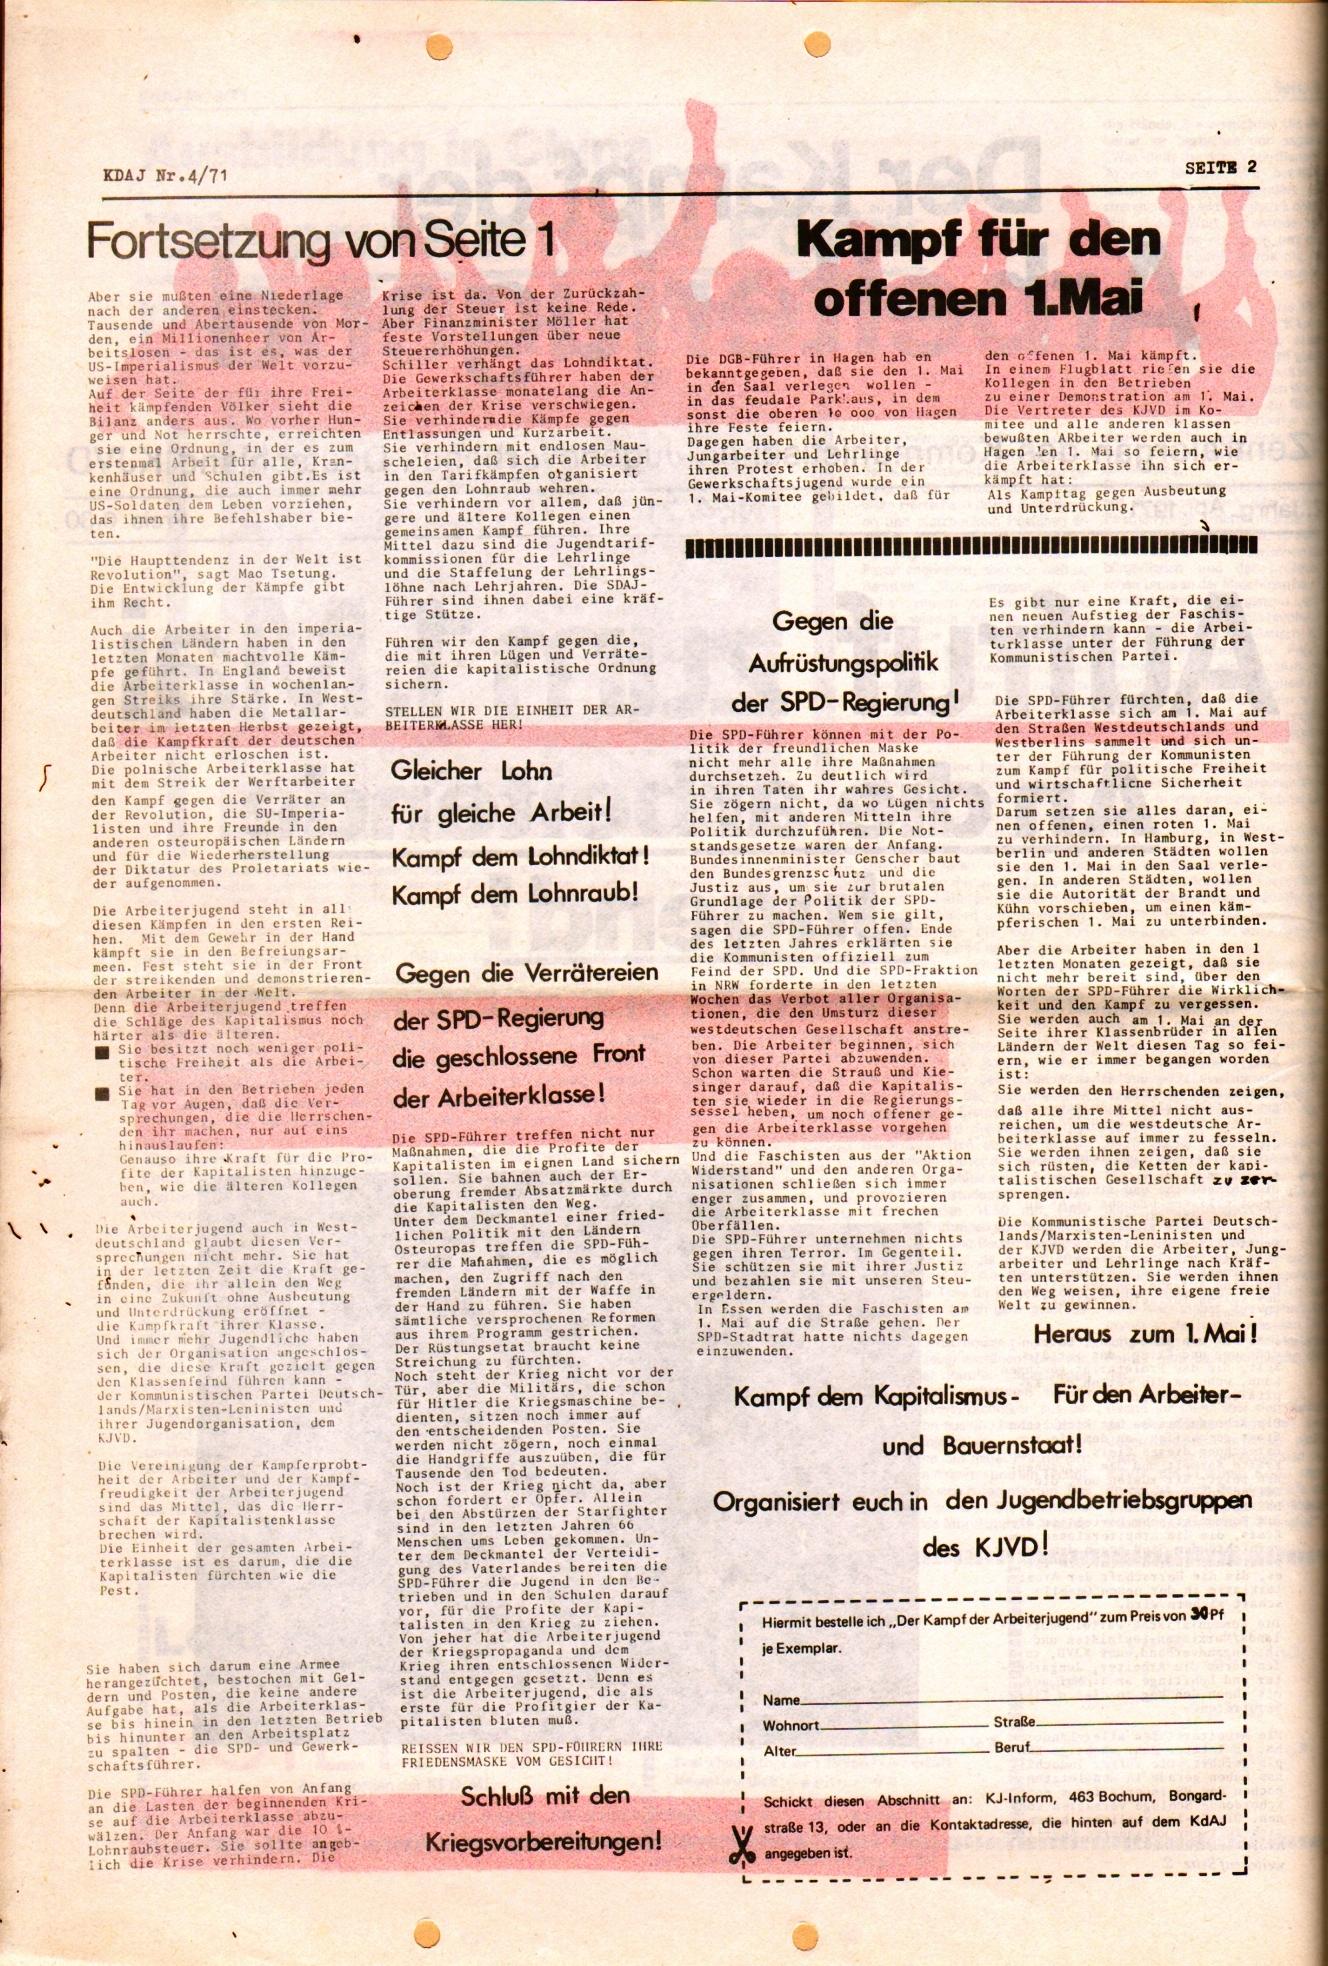 KDAJ, 2. Jg., April 1971, Nr. 4, Seite 2